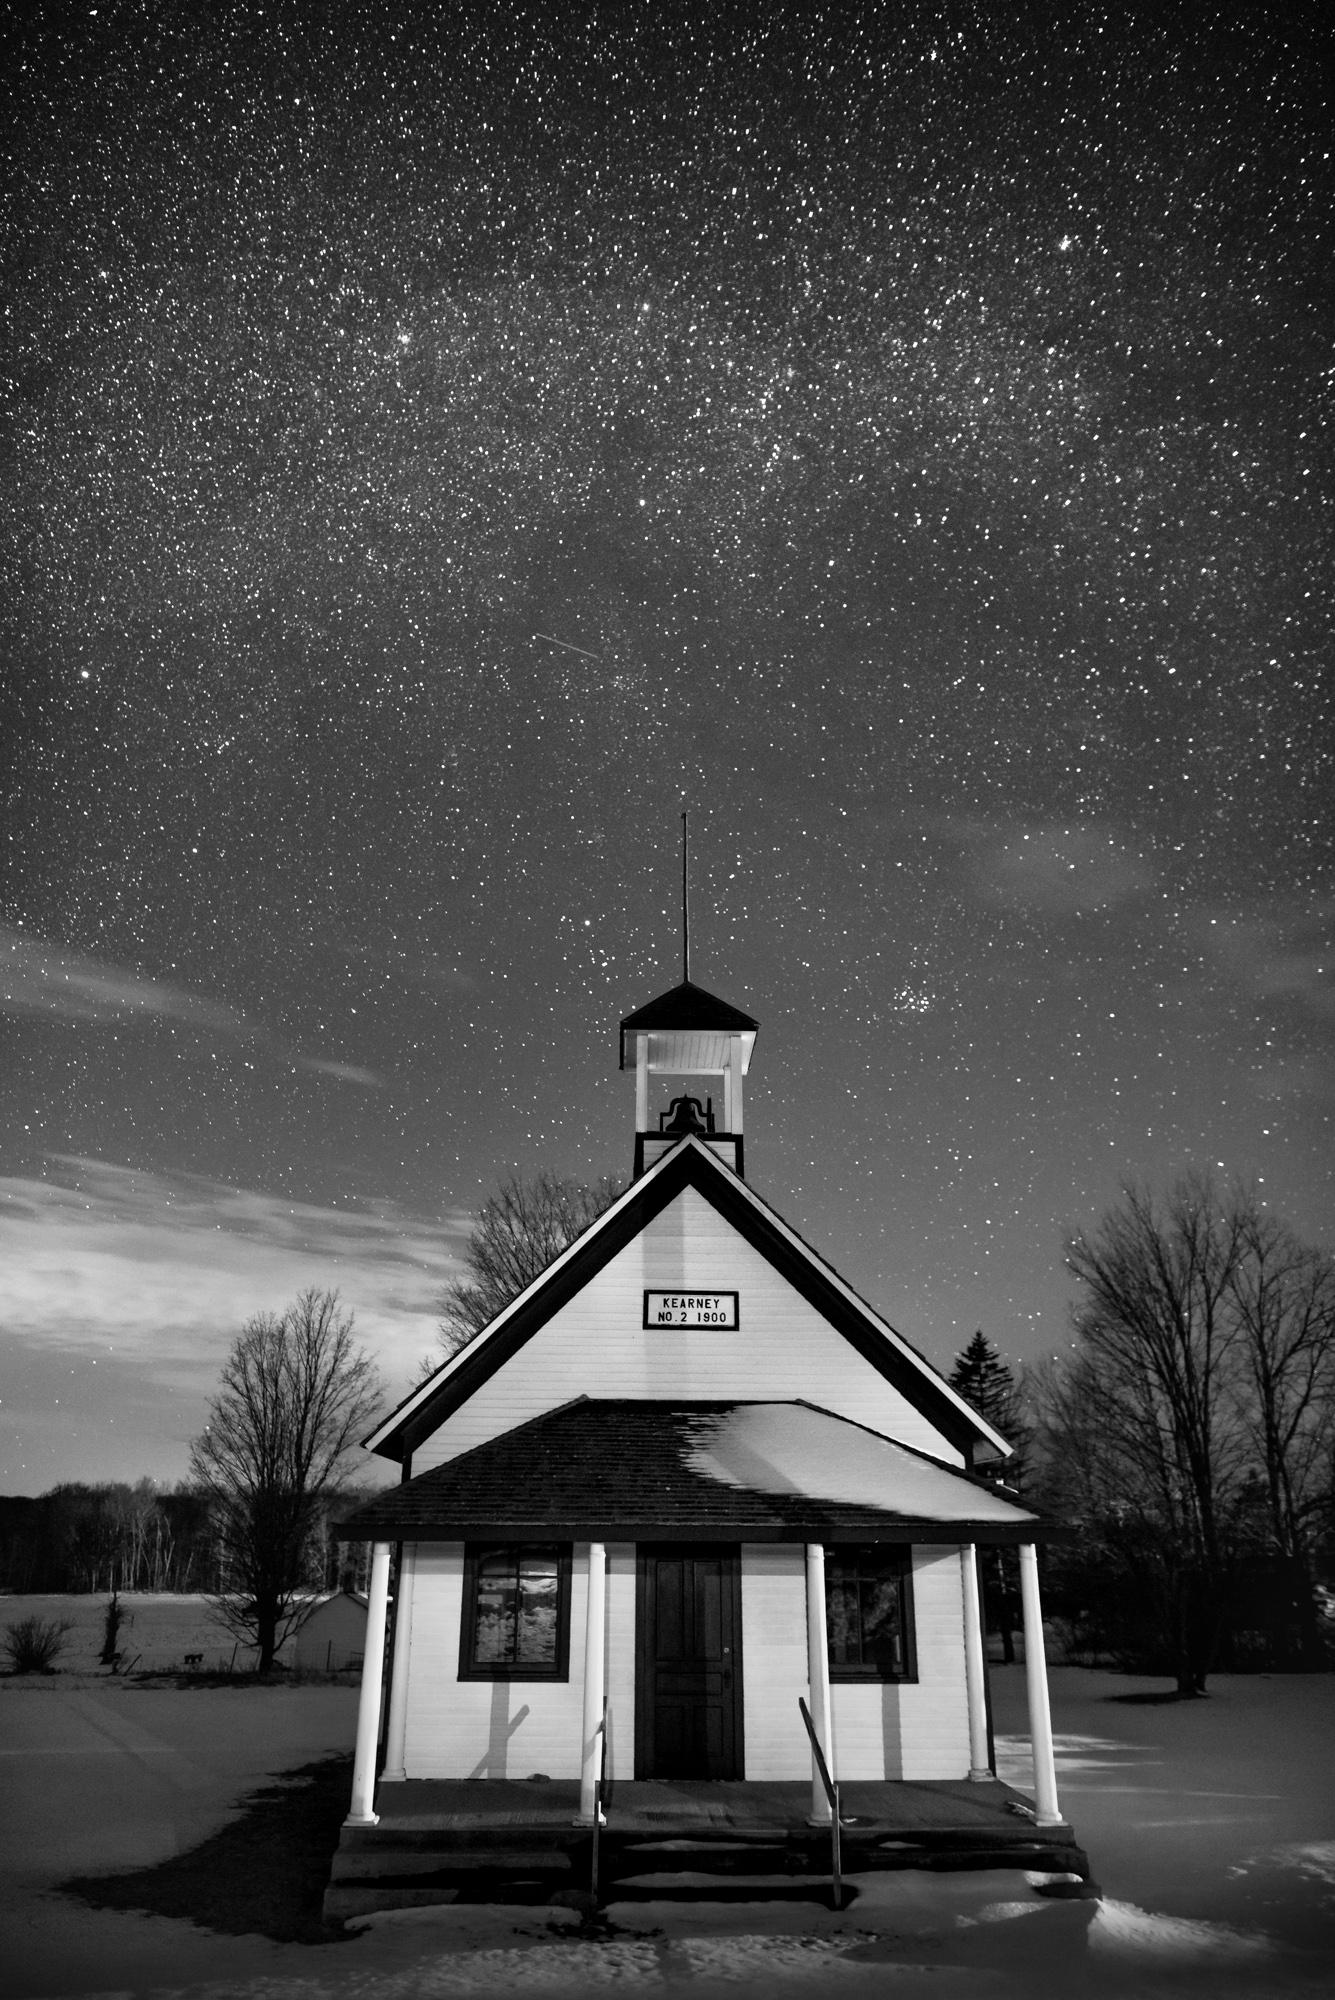 Bellaire, Michigan